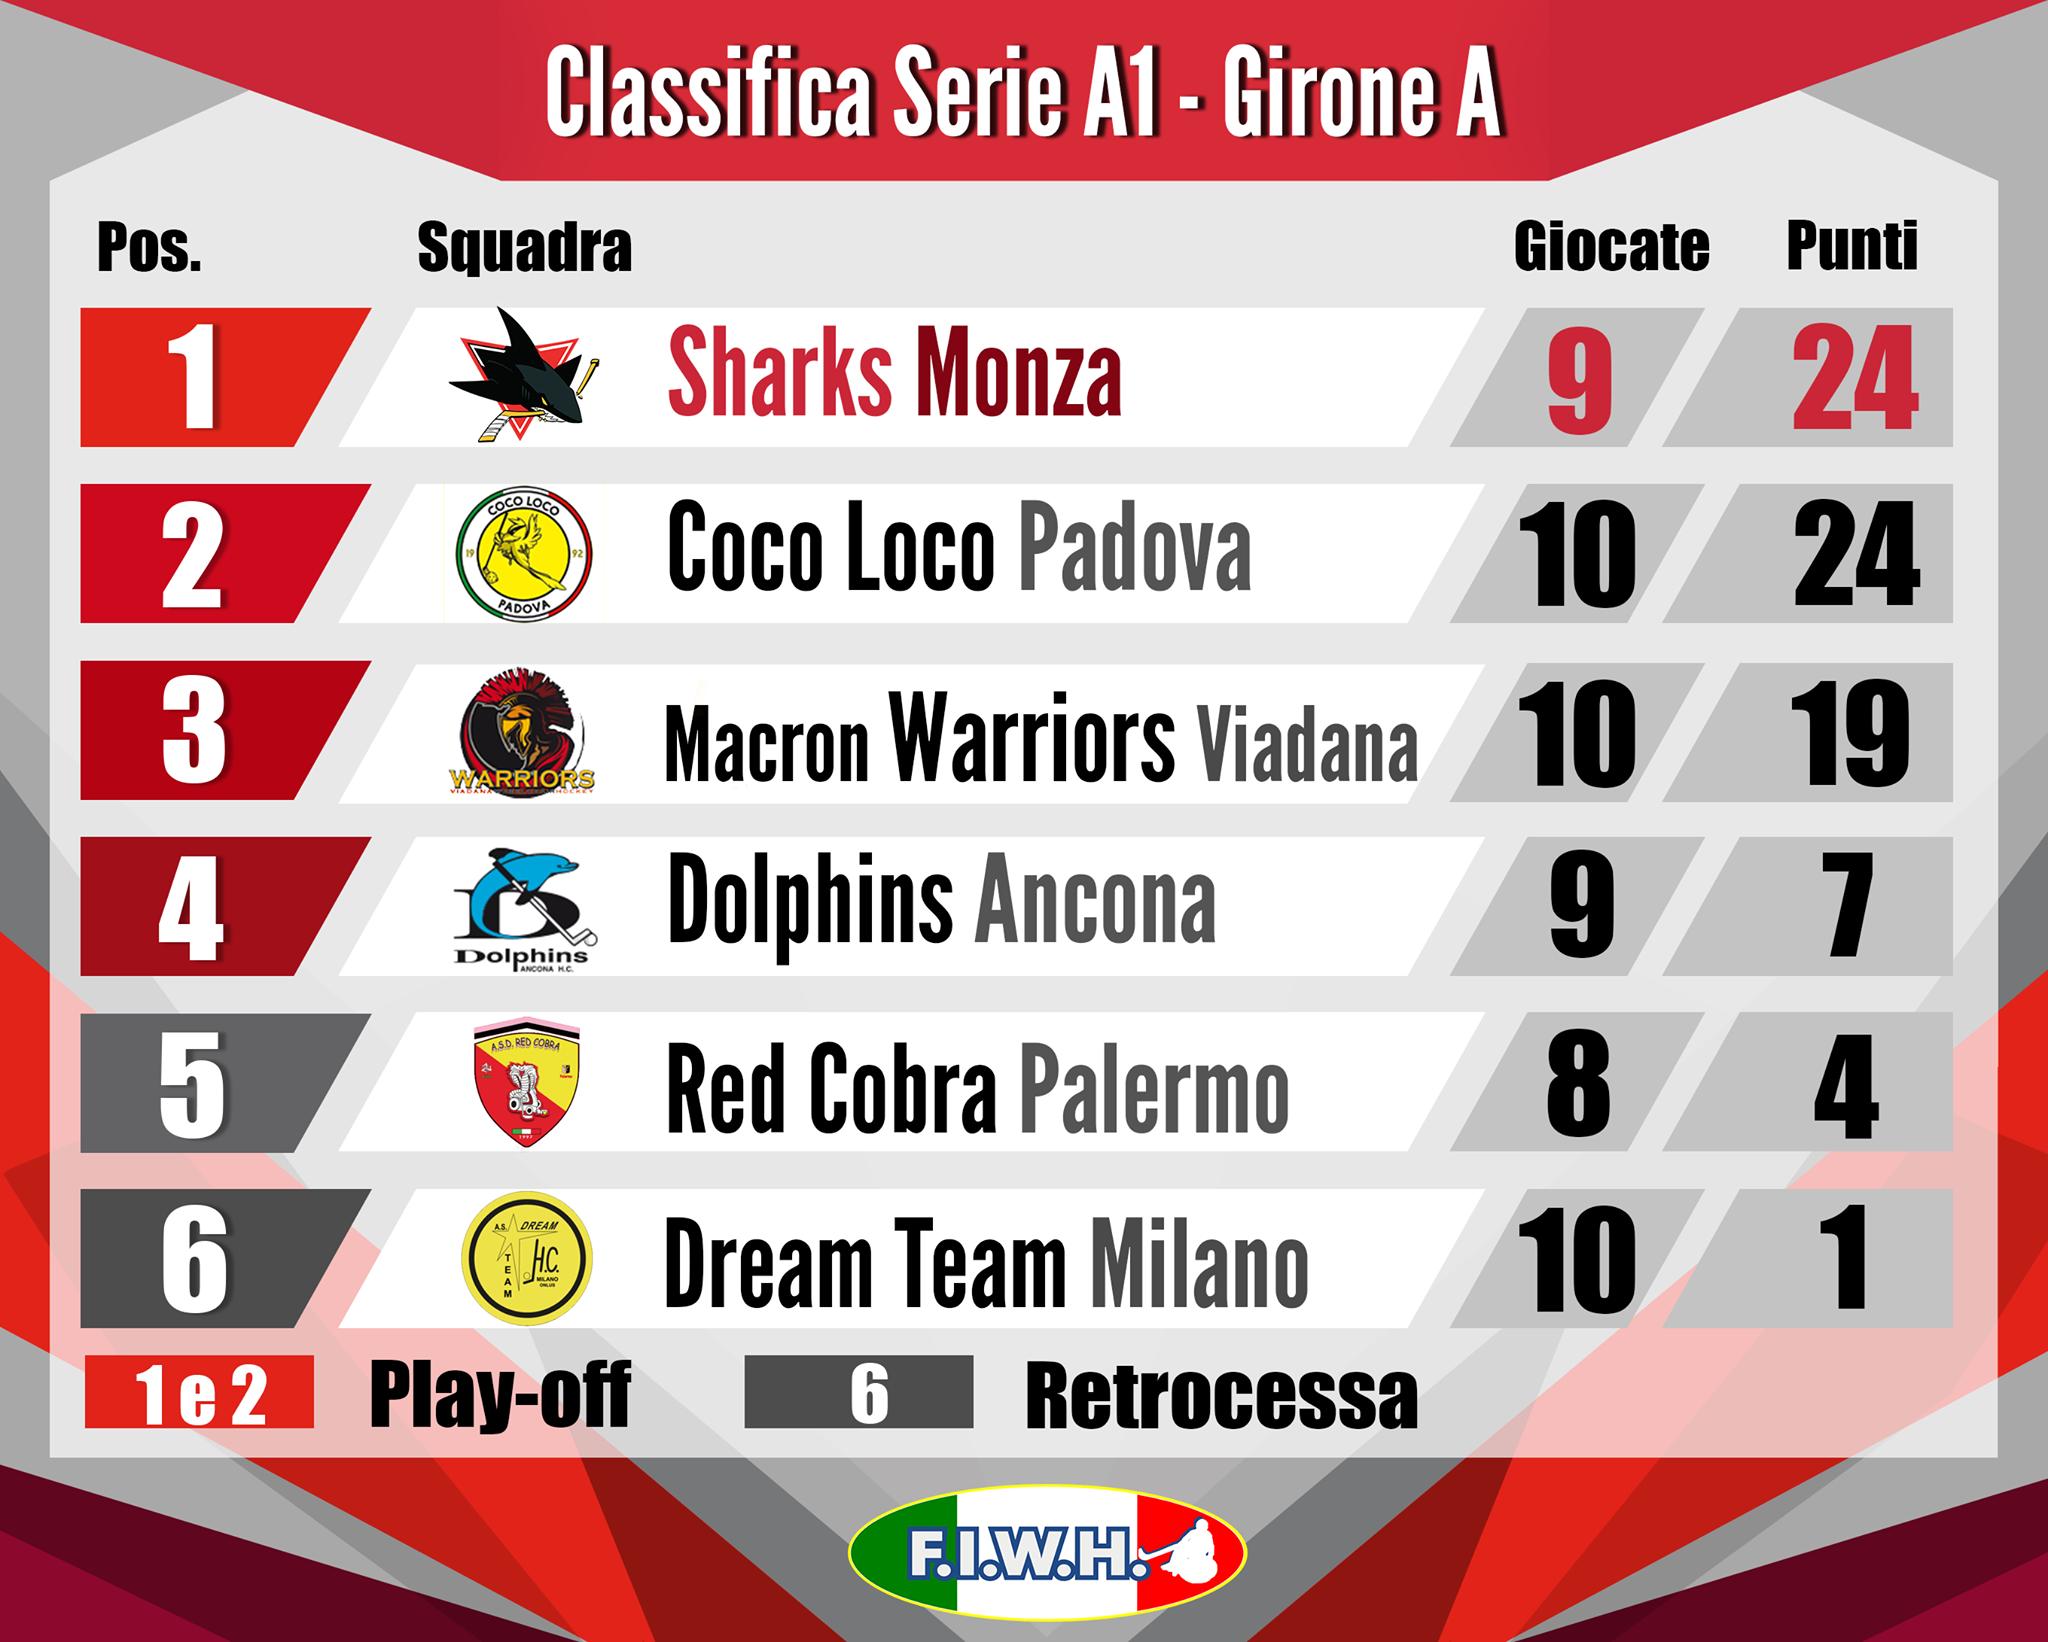 Classifica Serie A1